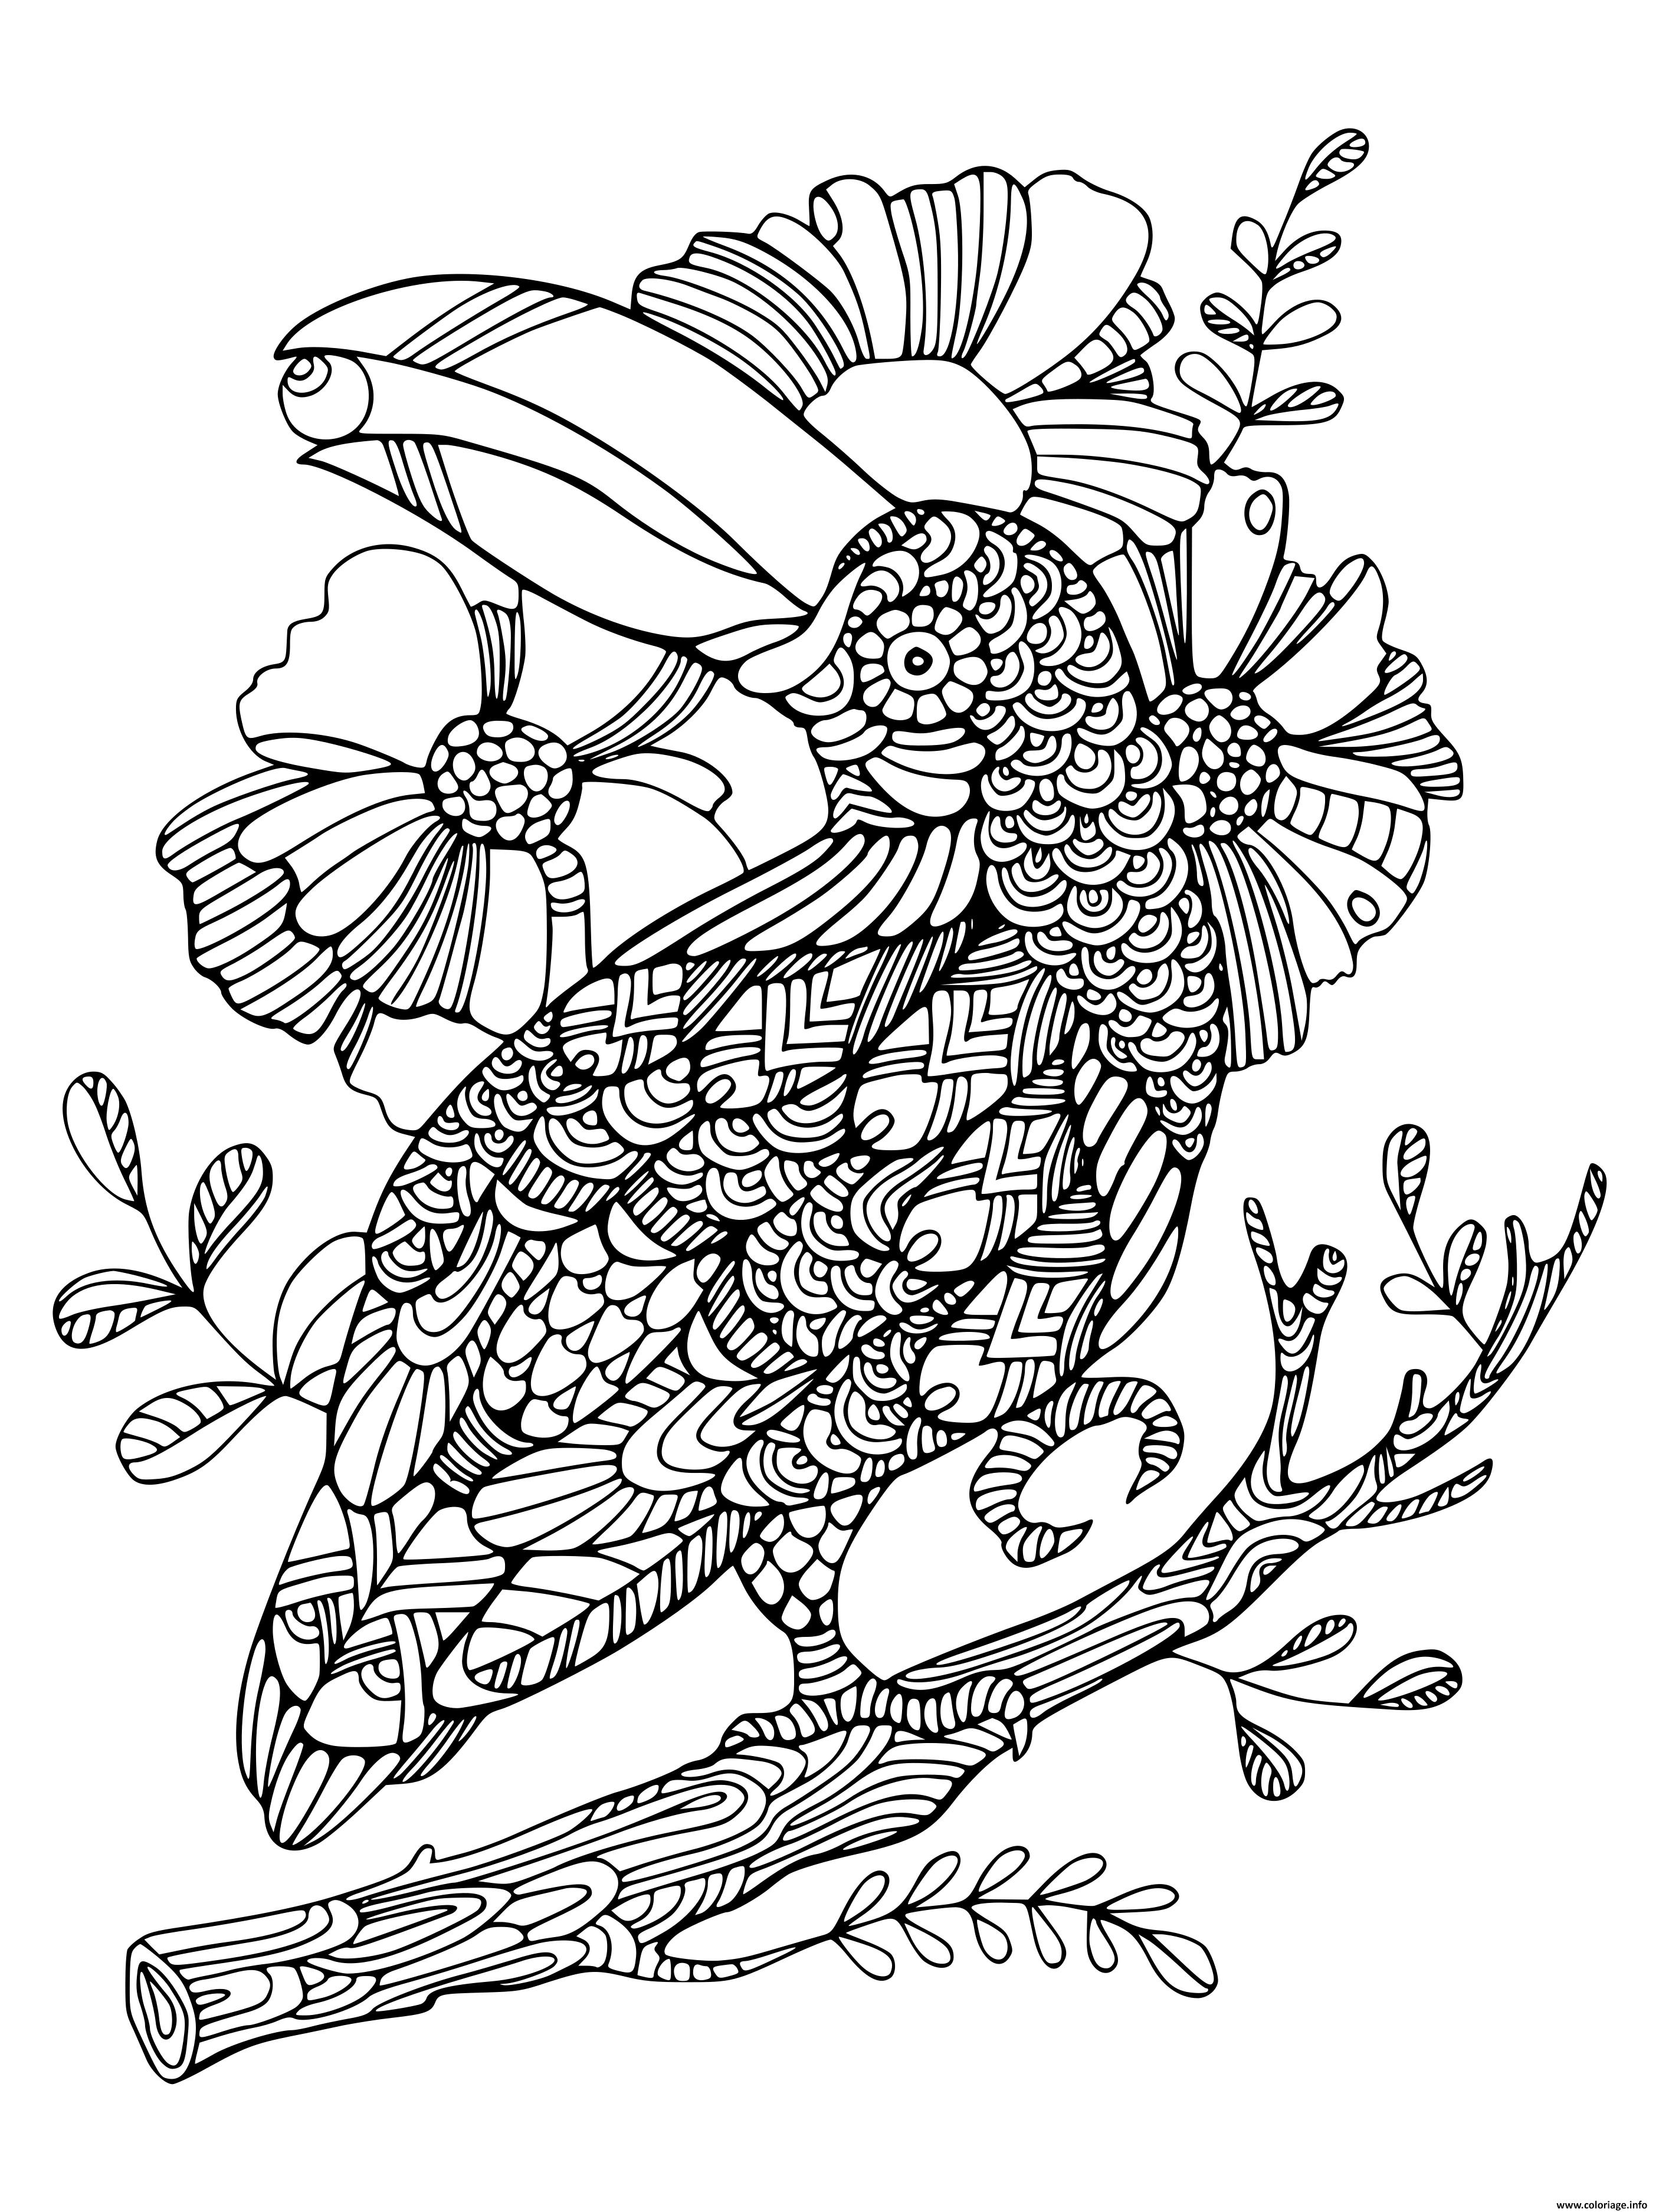 Coloriage oiseau mandala toucan zentangle adulte - JeColorie.com